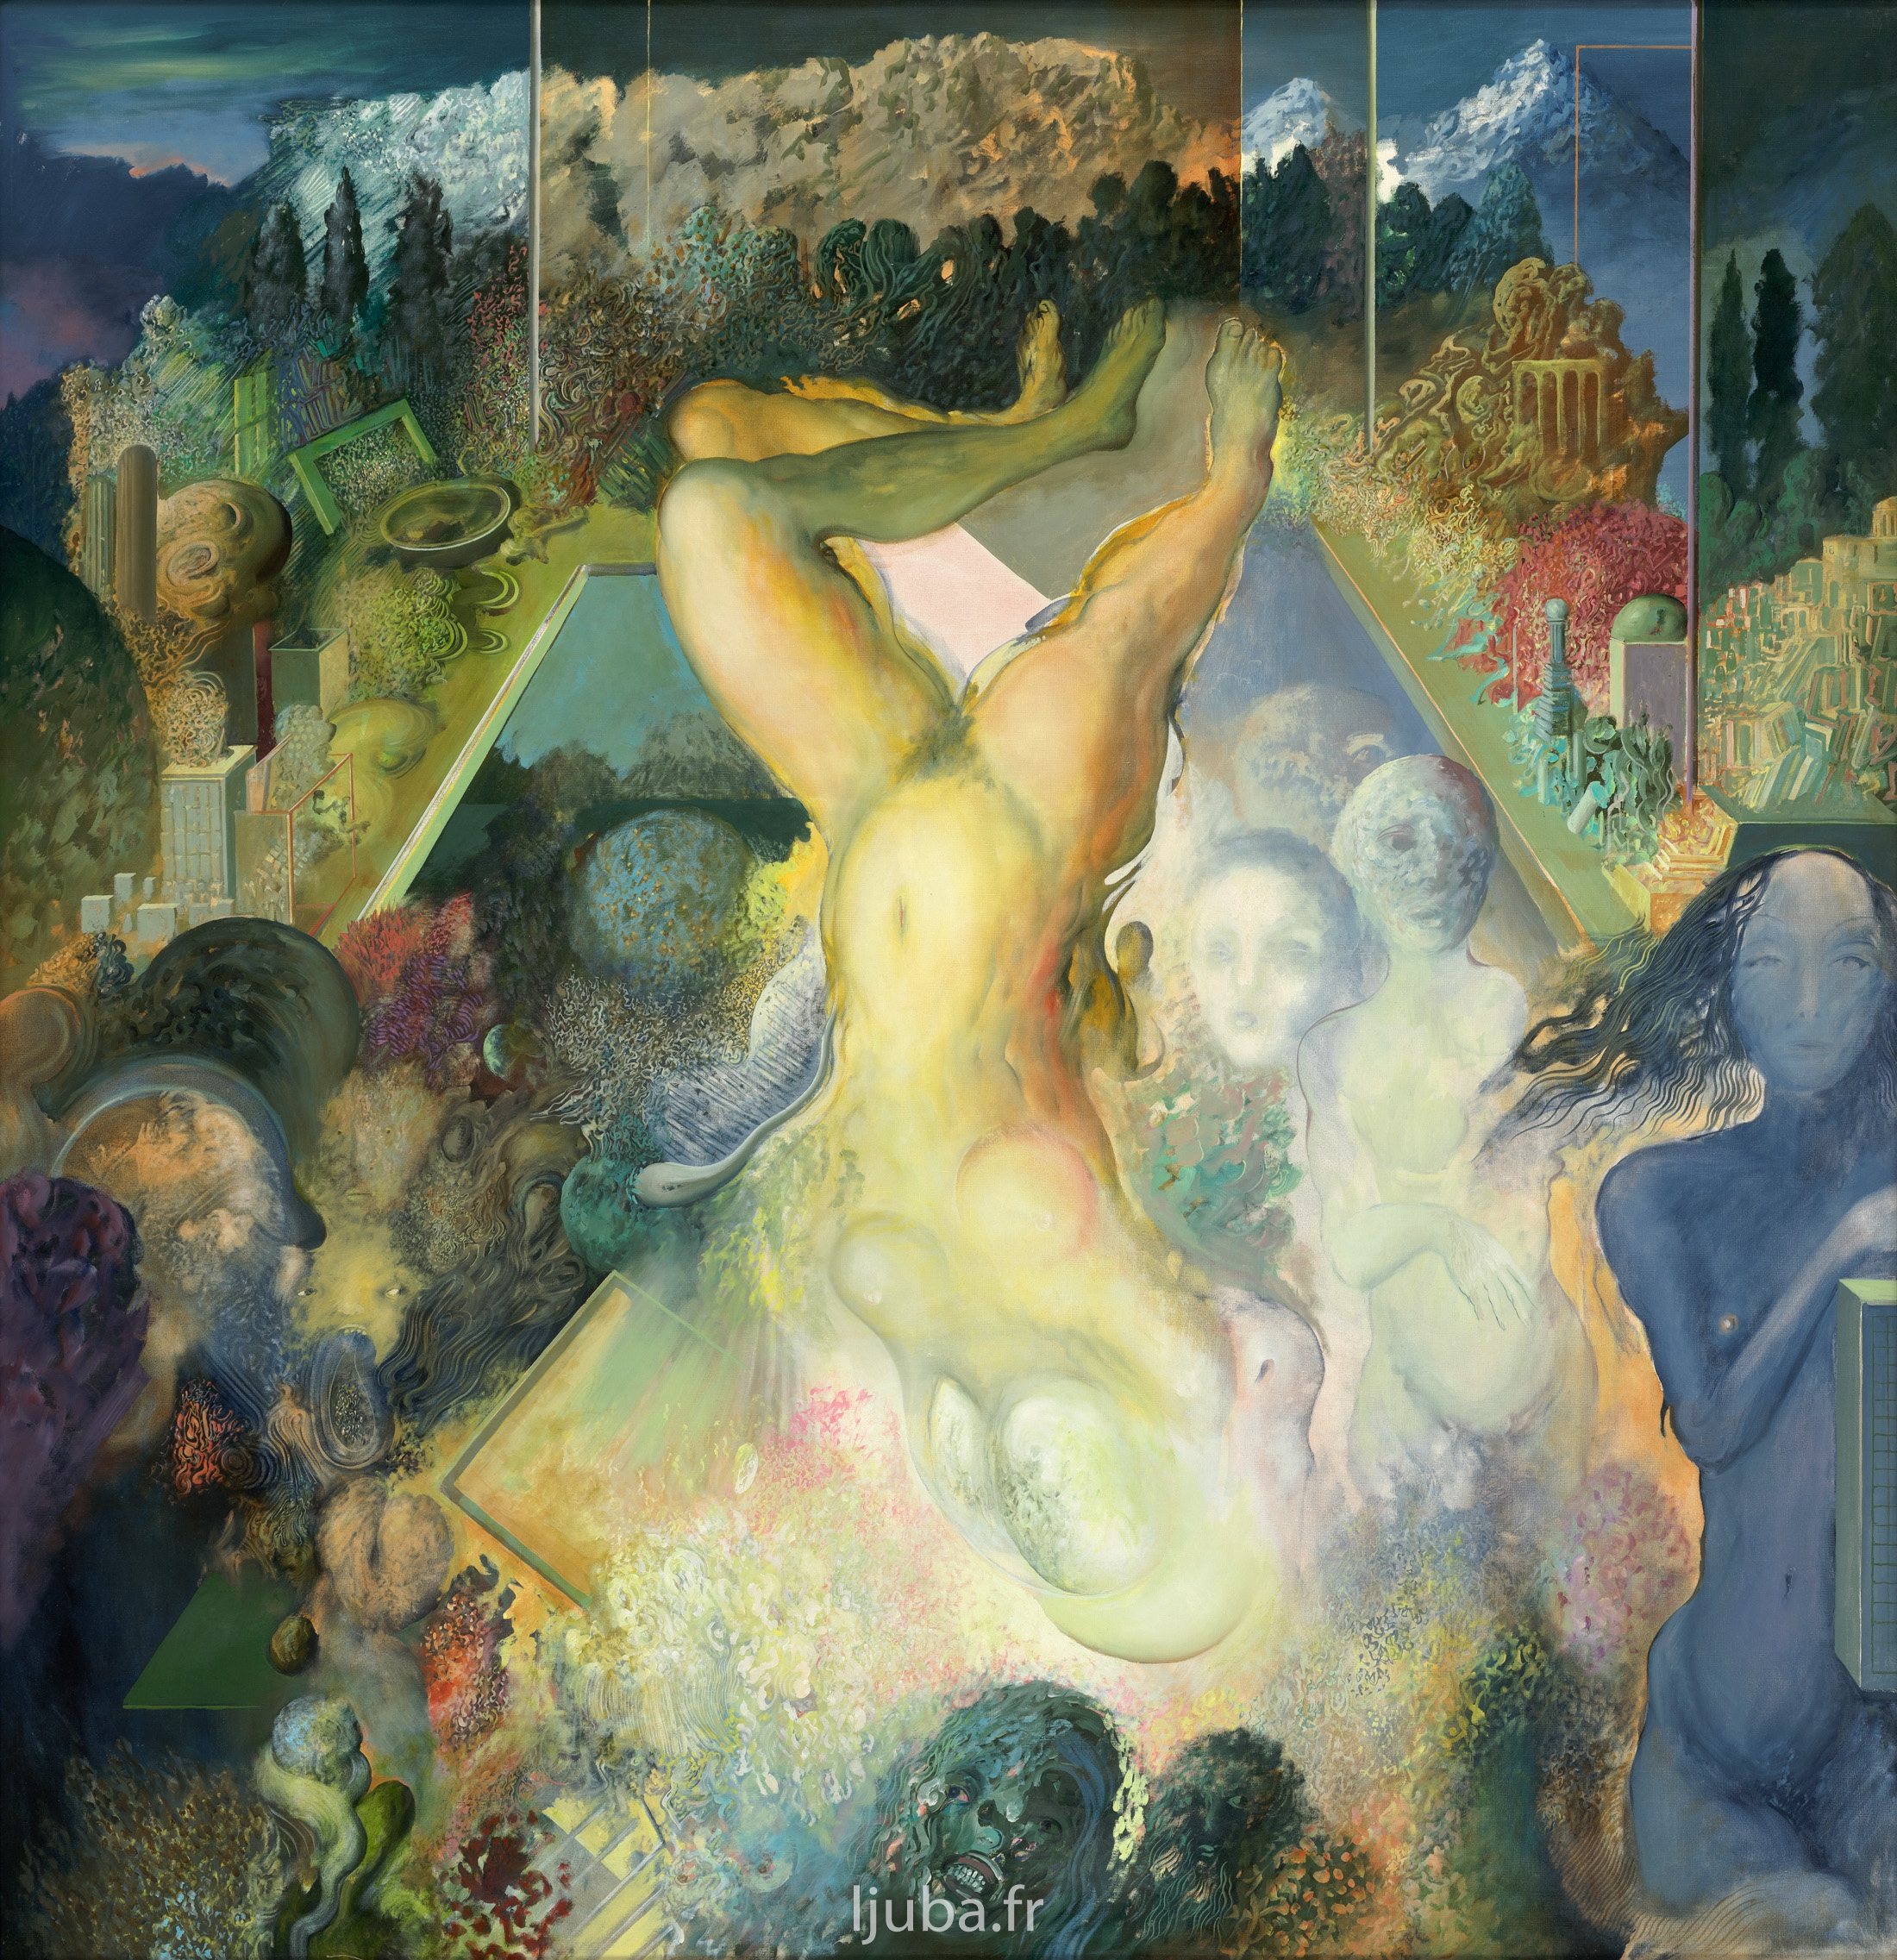 Ljuba Popovic - Želja III (Izgubljeni raj), 1978